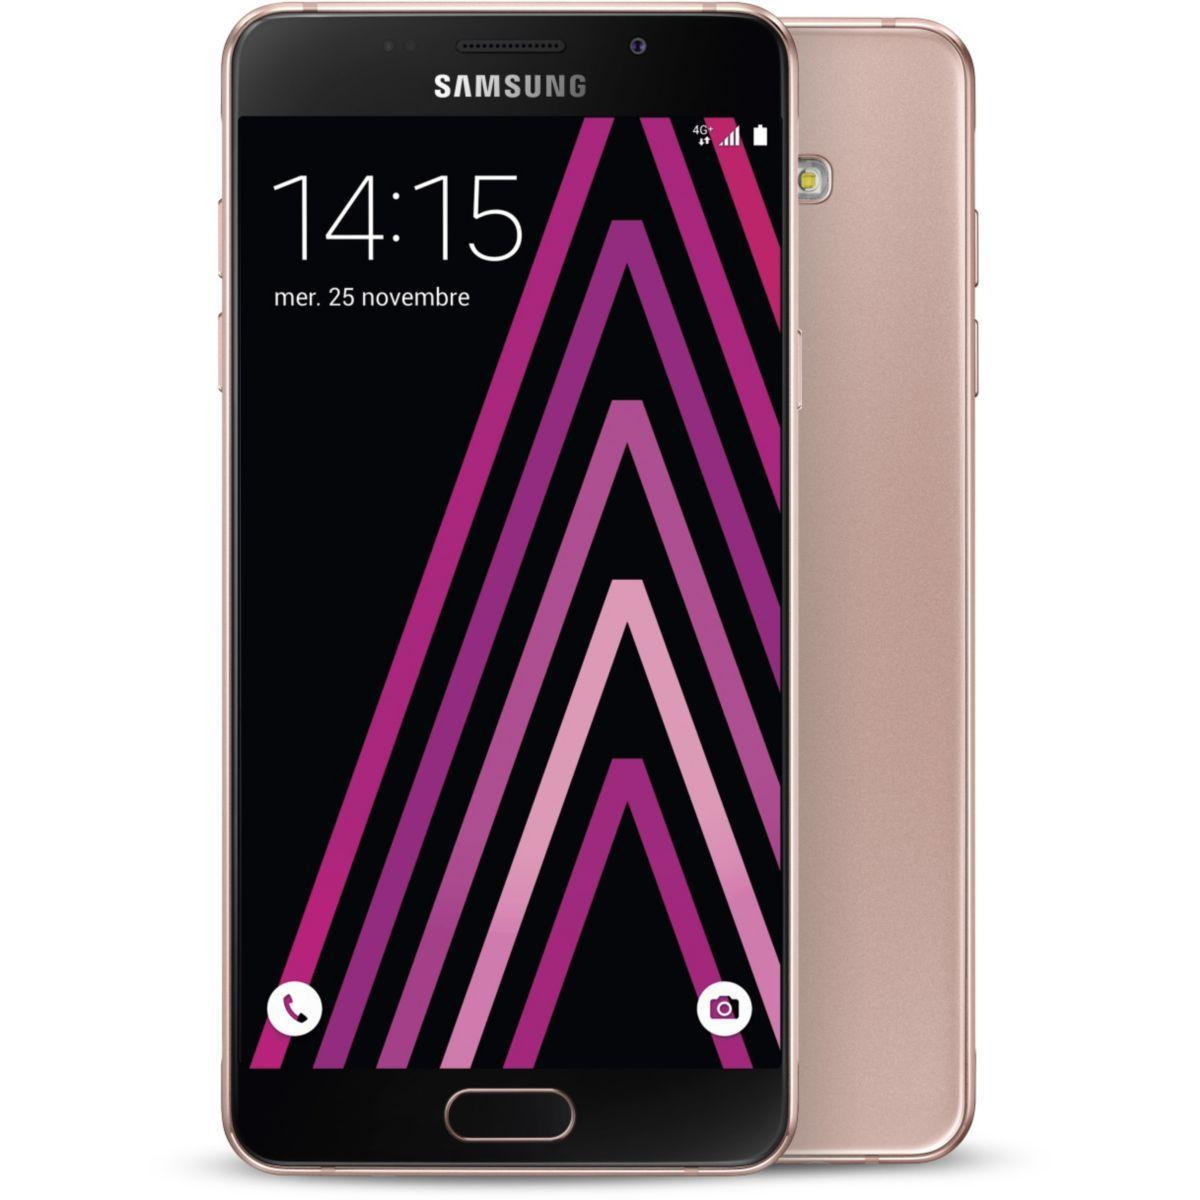 Pack promo smartphone samsung galaxy a5 rose edition 2016 + carte mémoire micro sd samsung 128go evo plus classe 10 + adaptateur - soldes et bonnes af